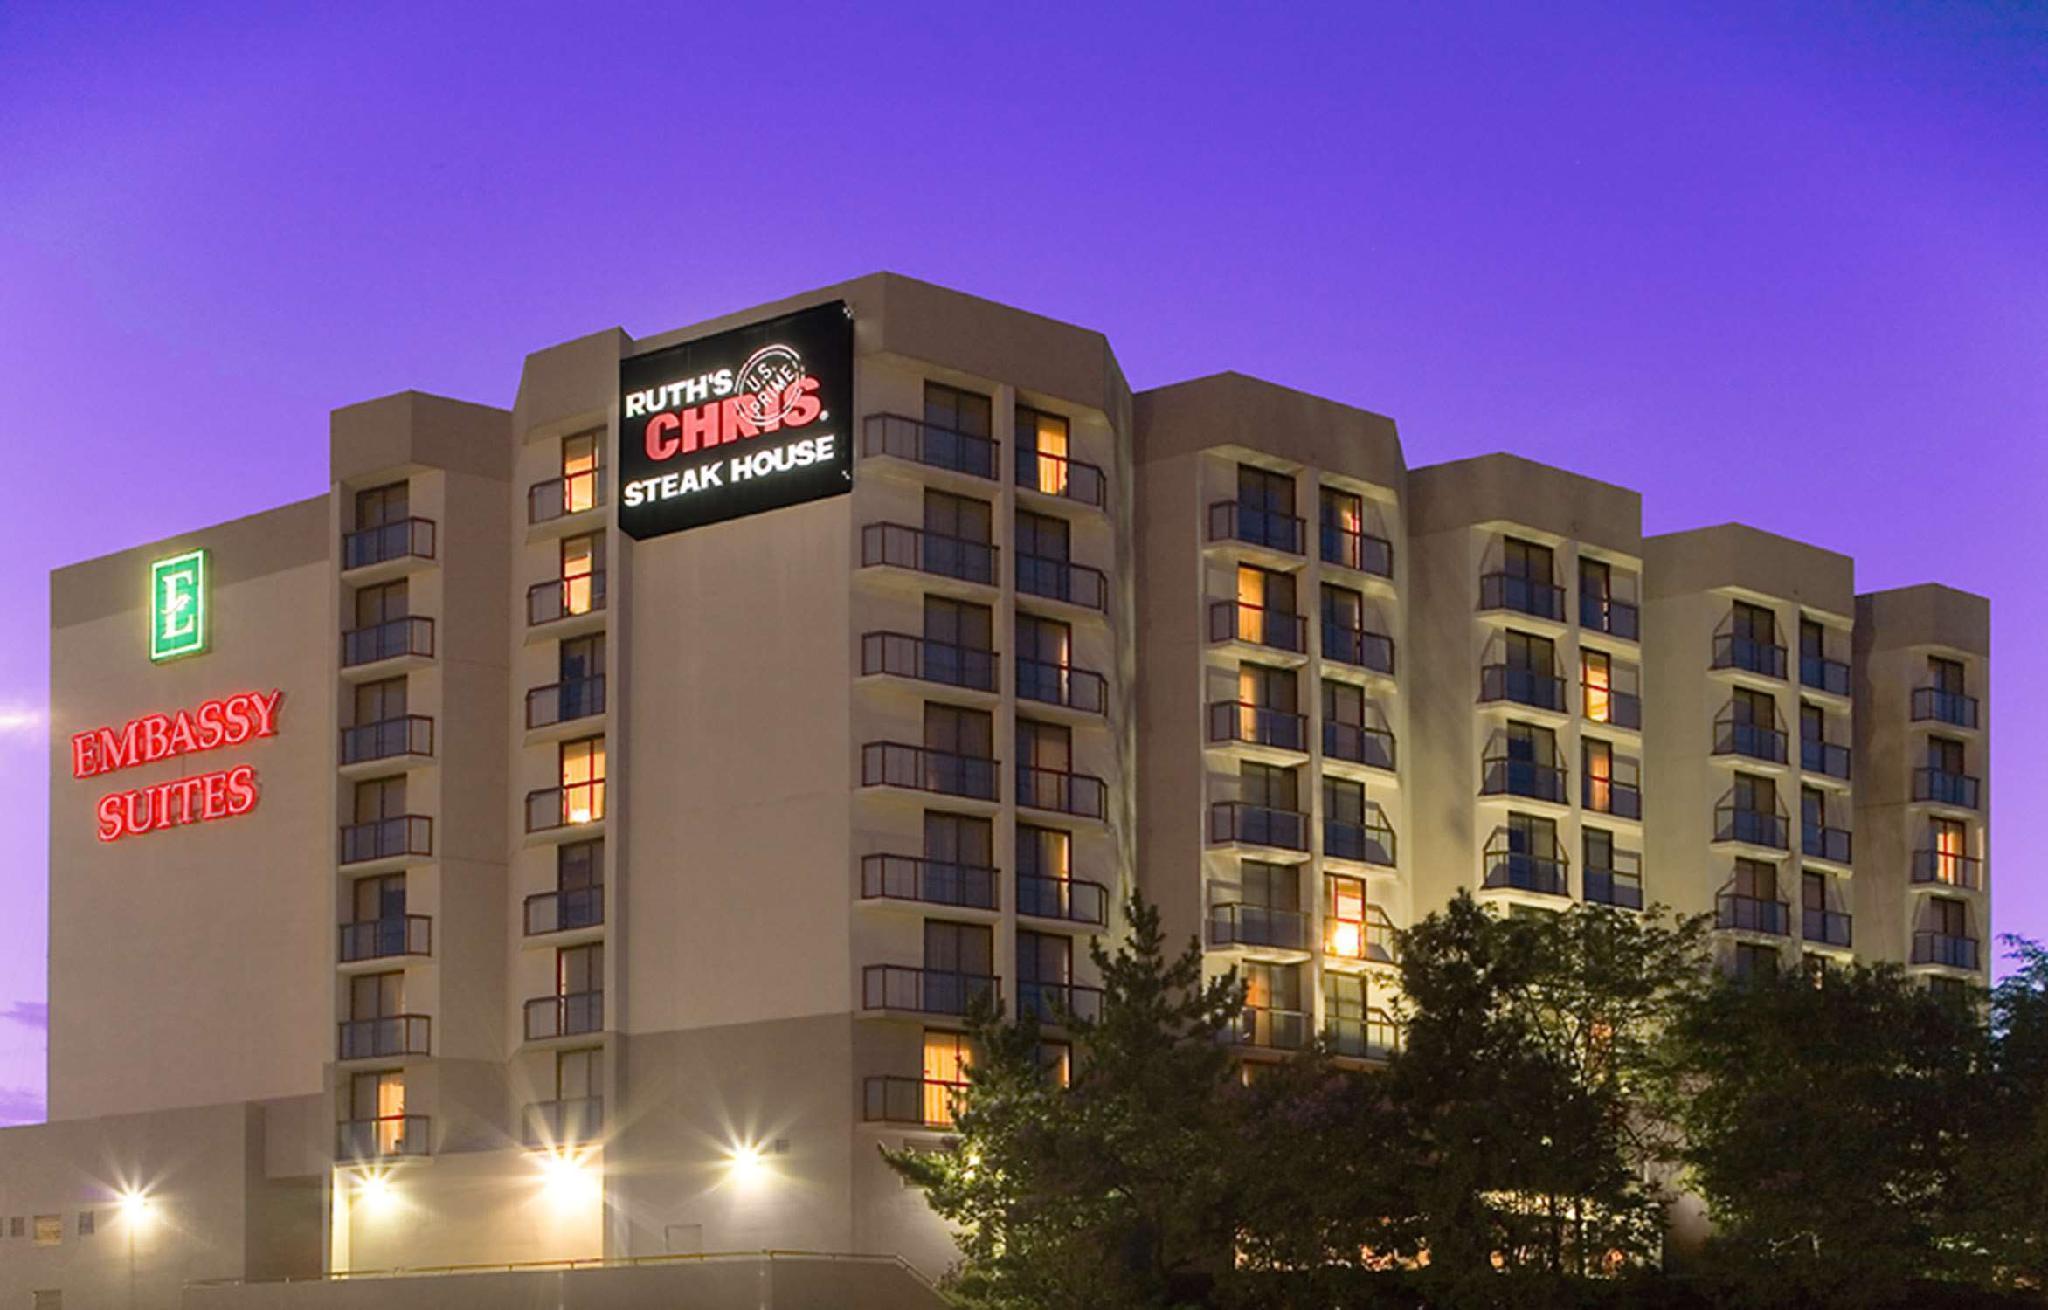 Embassy Suites Hotel Birmingham